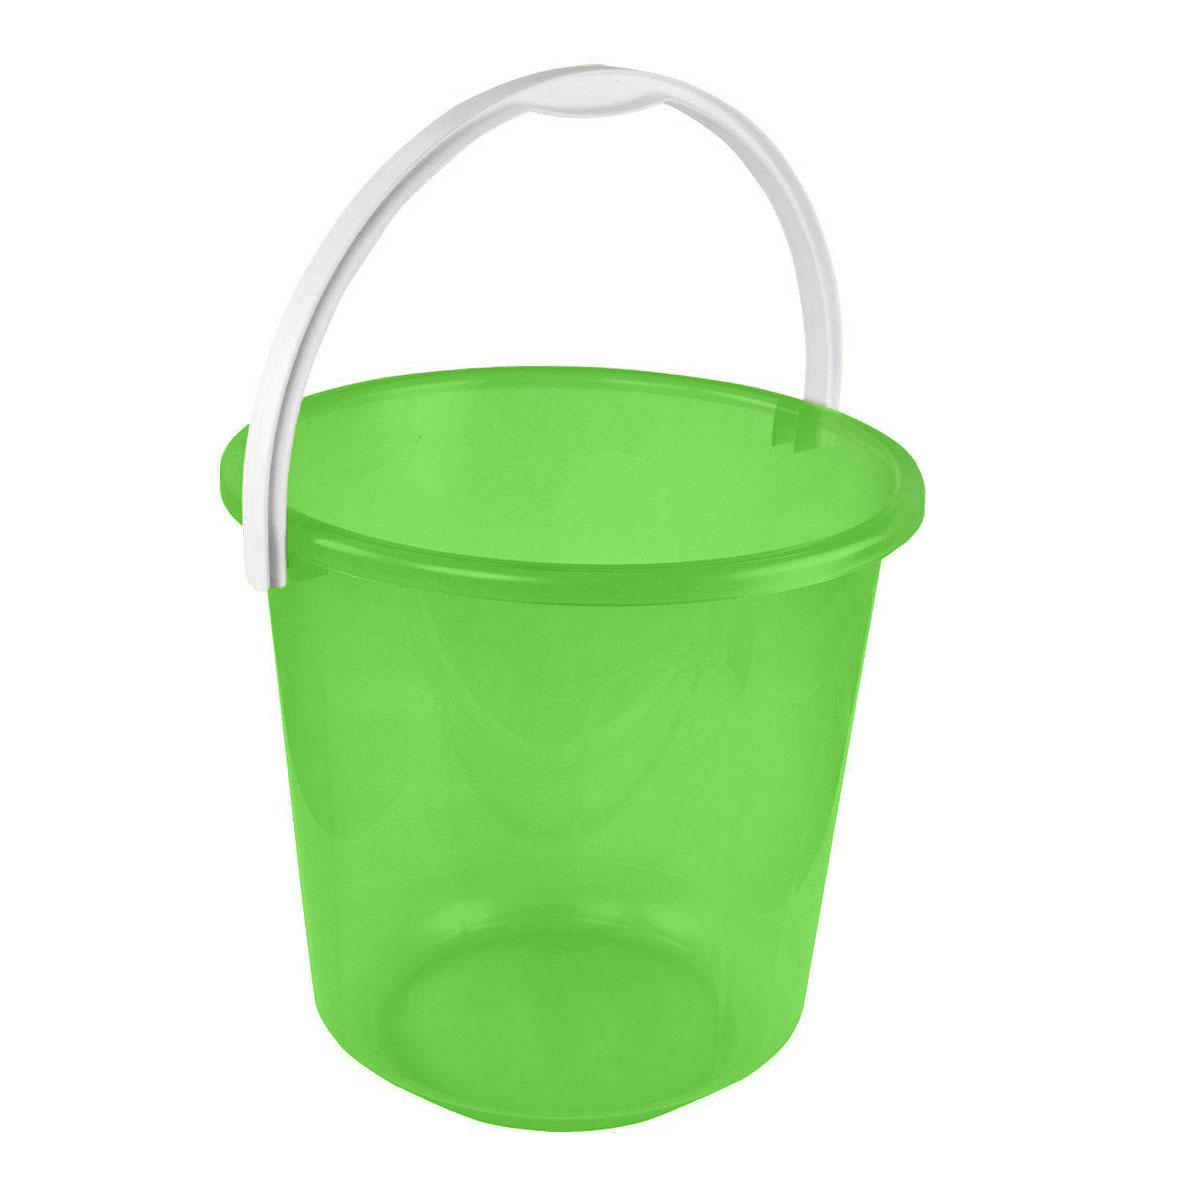 Ведро Альтернатива Хозяюшка, цвет: зеленый, 10 л531-105Ведро Альтернатива Хозяюшка изготовлено из высококачественного пластика и оснащено отметками литража. Оно легче железного и не подвержено коррозии. Ведро имеет удобную пластиковую ручку. Такое ведро станет незаменимым помощником в хозяйстве. Идеально для хранения пищевых отходов.Размер: 28 см х 28 см х 26,5 см.